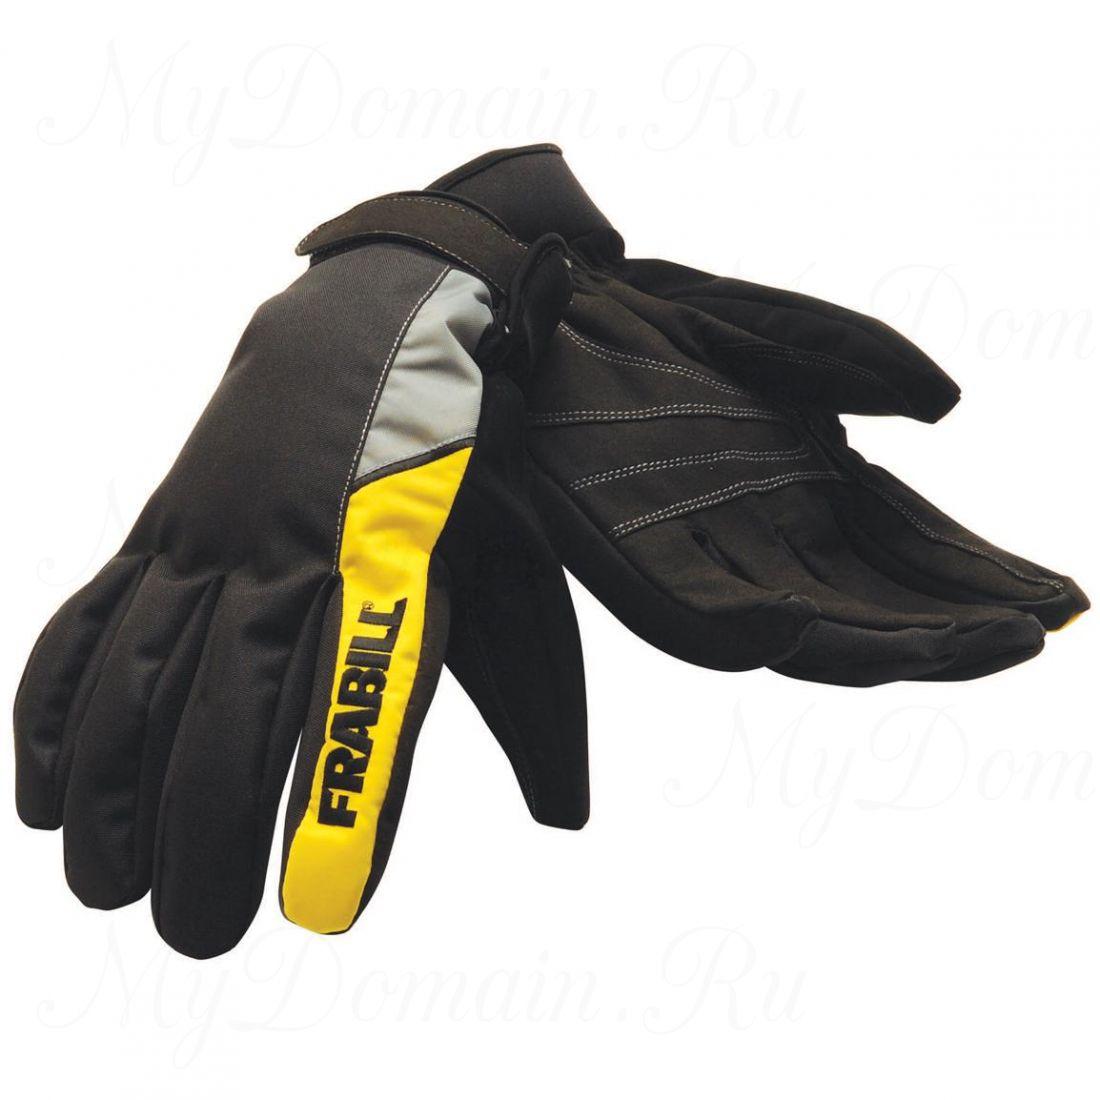 Перчатки Frabill Task Glove водо/ветрозащитные дышащие черные размер XL